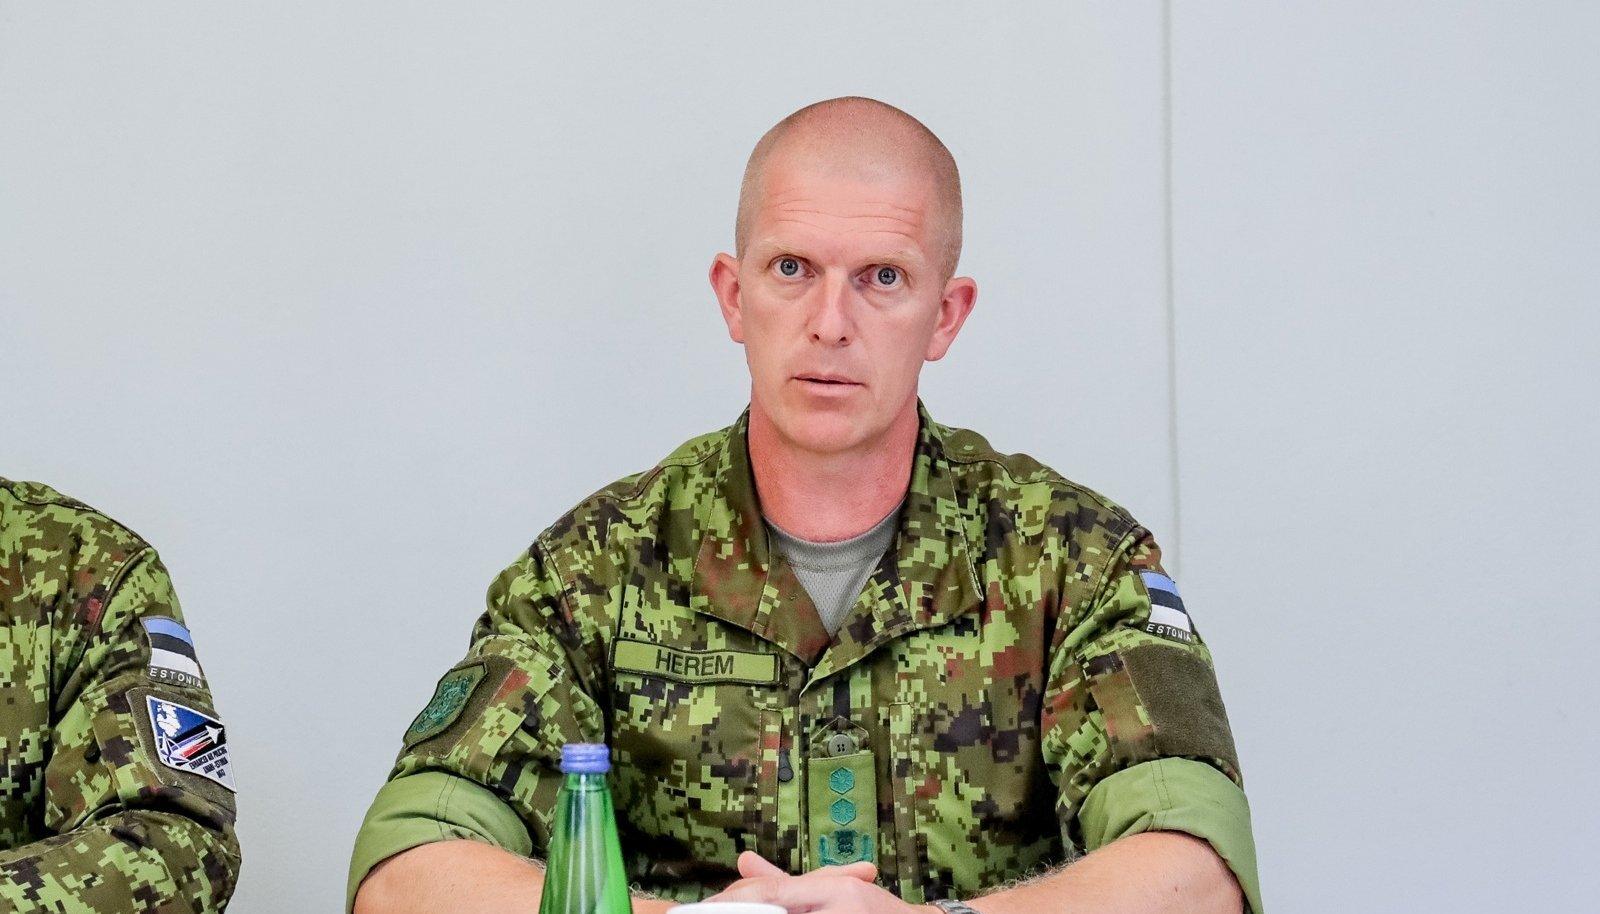 Kaitseväe peastaabi ülem ja tulevane kaitseväe juhataja kindralmajor Martin Herem